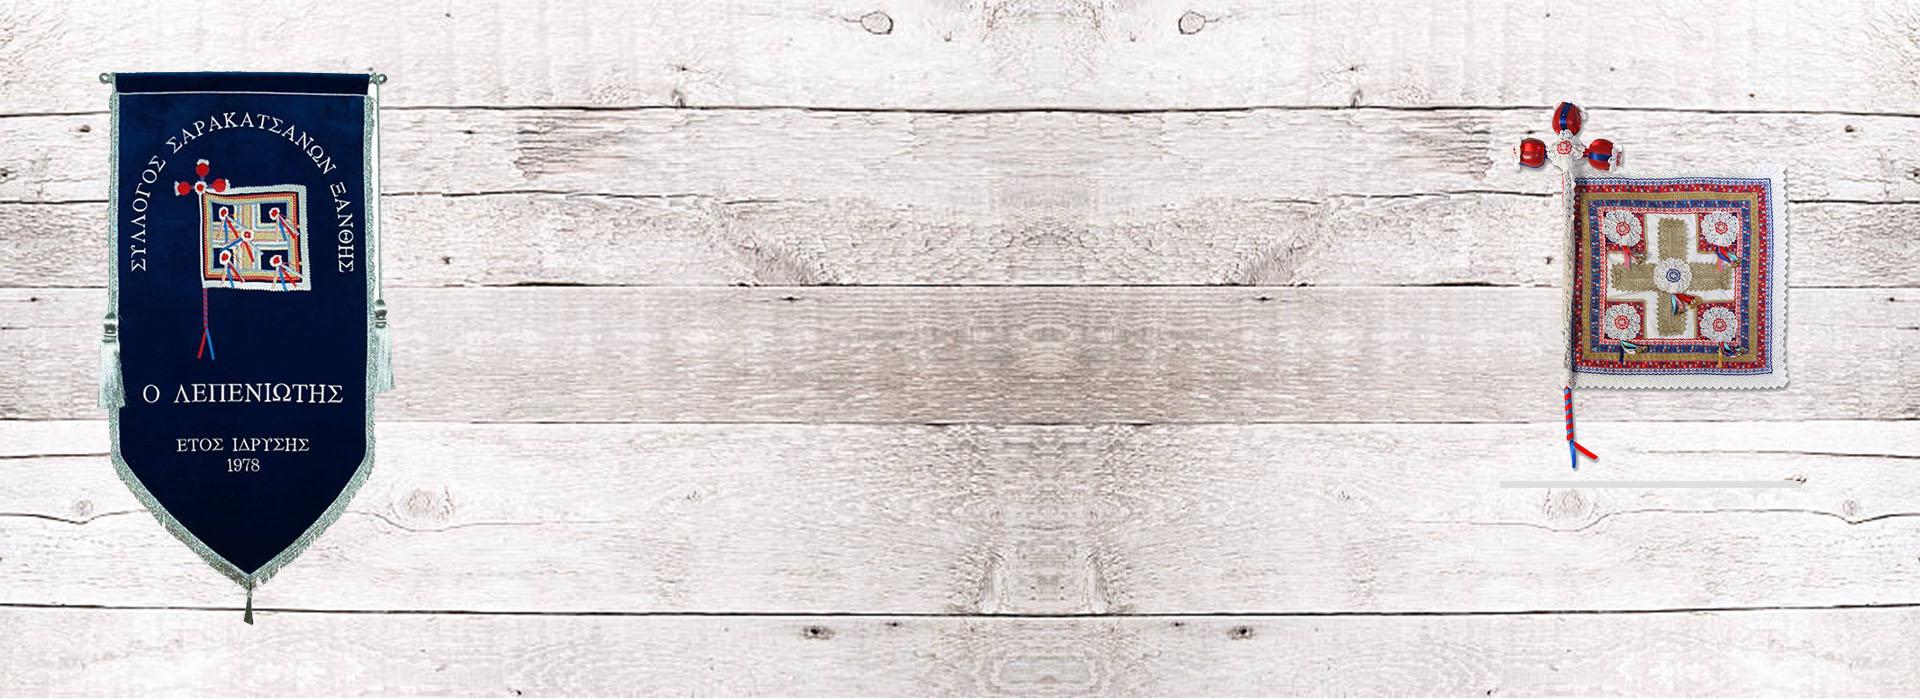 """ΣΥΛΛΟΓΟΣ ΣΑΡΑΚΑΤΣΑΝΩΝ ΞΑΝΘΗΣ <br>""""Ο ΛΕΠΕΝΙΩΤΗΣ"""""""